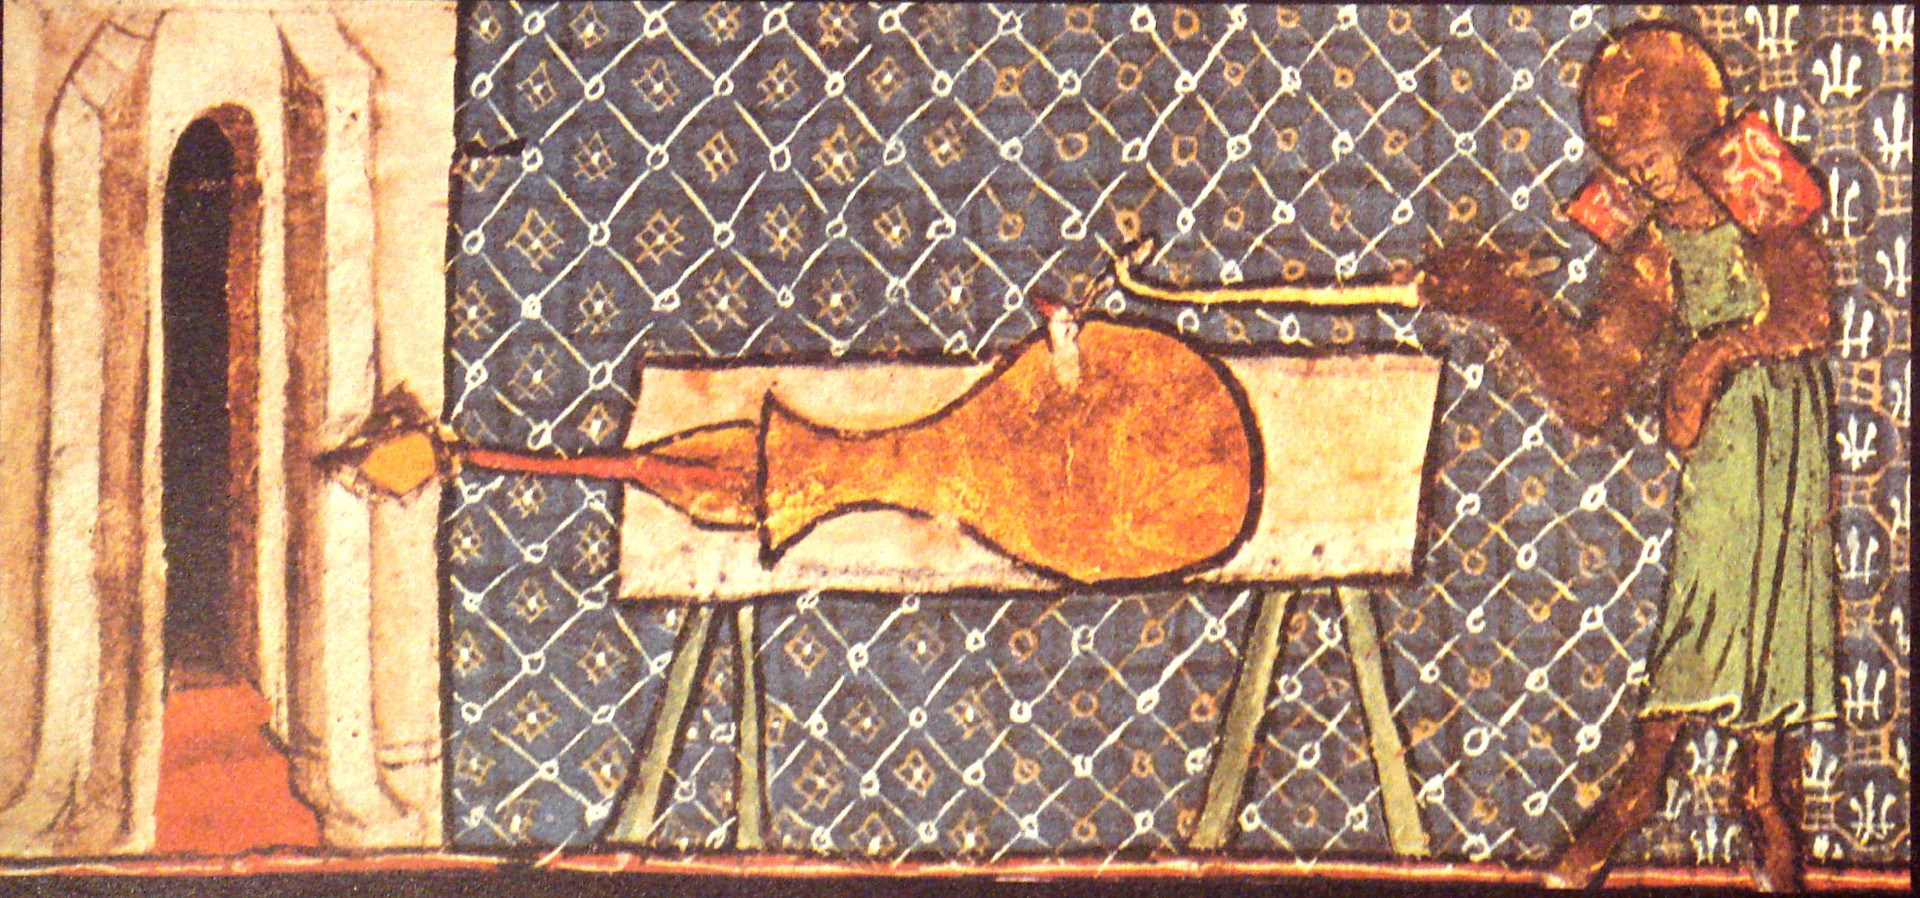 """La imagen más antigua que se conoce de un cañón europeo, """"De Nobilitatibus Sapientii Et Prudentiis Regum"""", Walter de Milemete, 1326."""